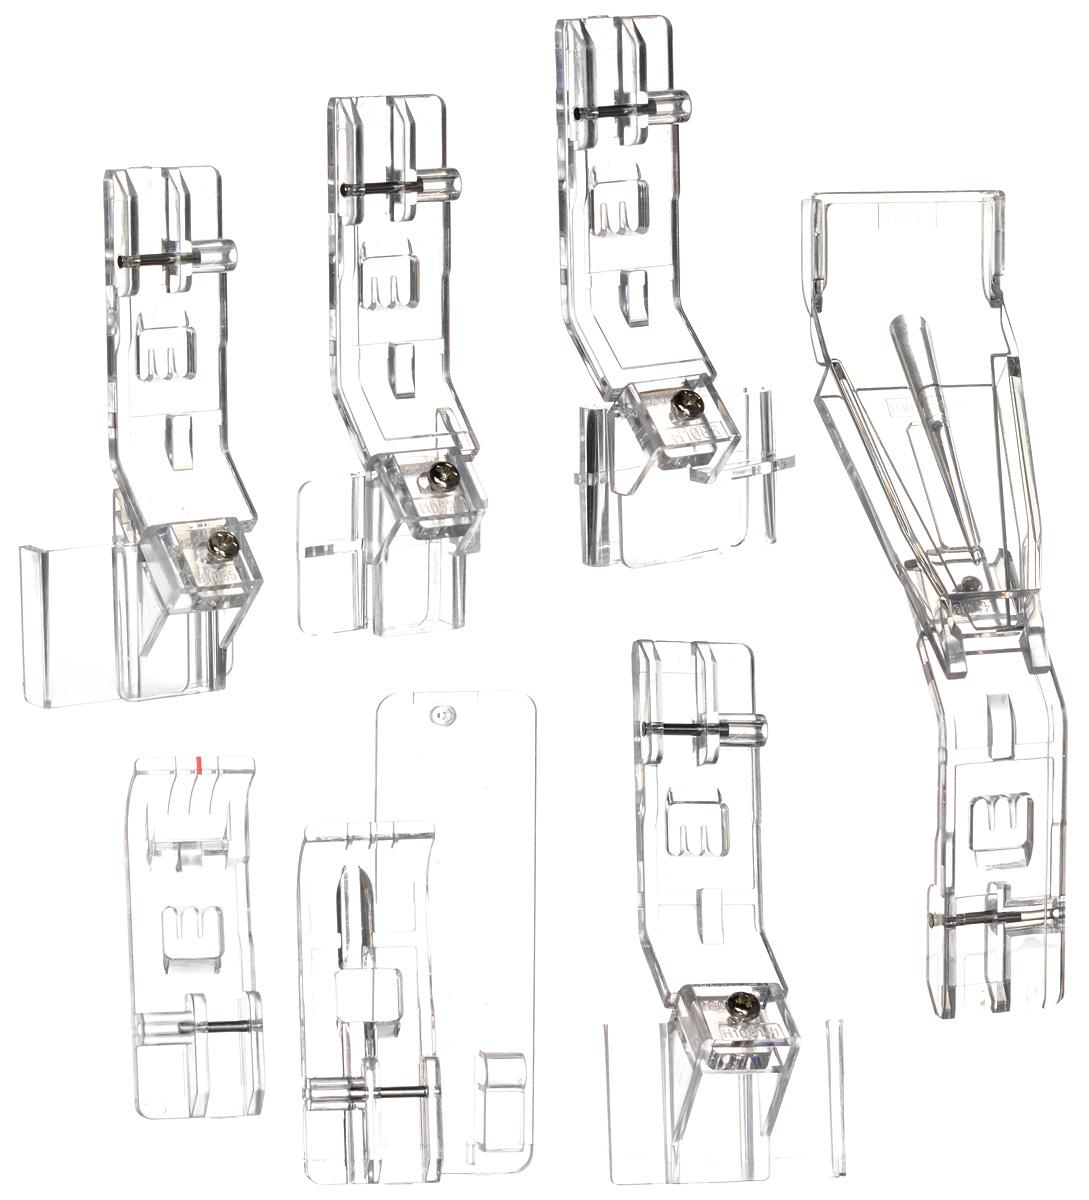 Merrylock комплект лапок для плоских швов1116Комплект прозрачных лапок для плоских швов Merrylock. Подходят для 5-ти ниточных оверлоков и плоскошовных машин Merrylock.В состав комплекта входят:Лапка для вшивания шнура или канта;Лапка для плоских швов;Лапка для пришивания тесьмы и кружевных лент;Лапка для двойной подгибки и вшивания ленты или косой бейки (25-28 мм);Лапка для подгибки края материала;Лапка для изготовления шлевок или косой бейки (23-25 мм);Лапка для пришивания тесьмы и кружевных лент с подгибкой края материала.